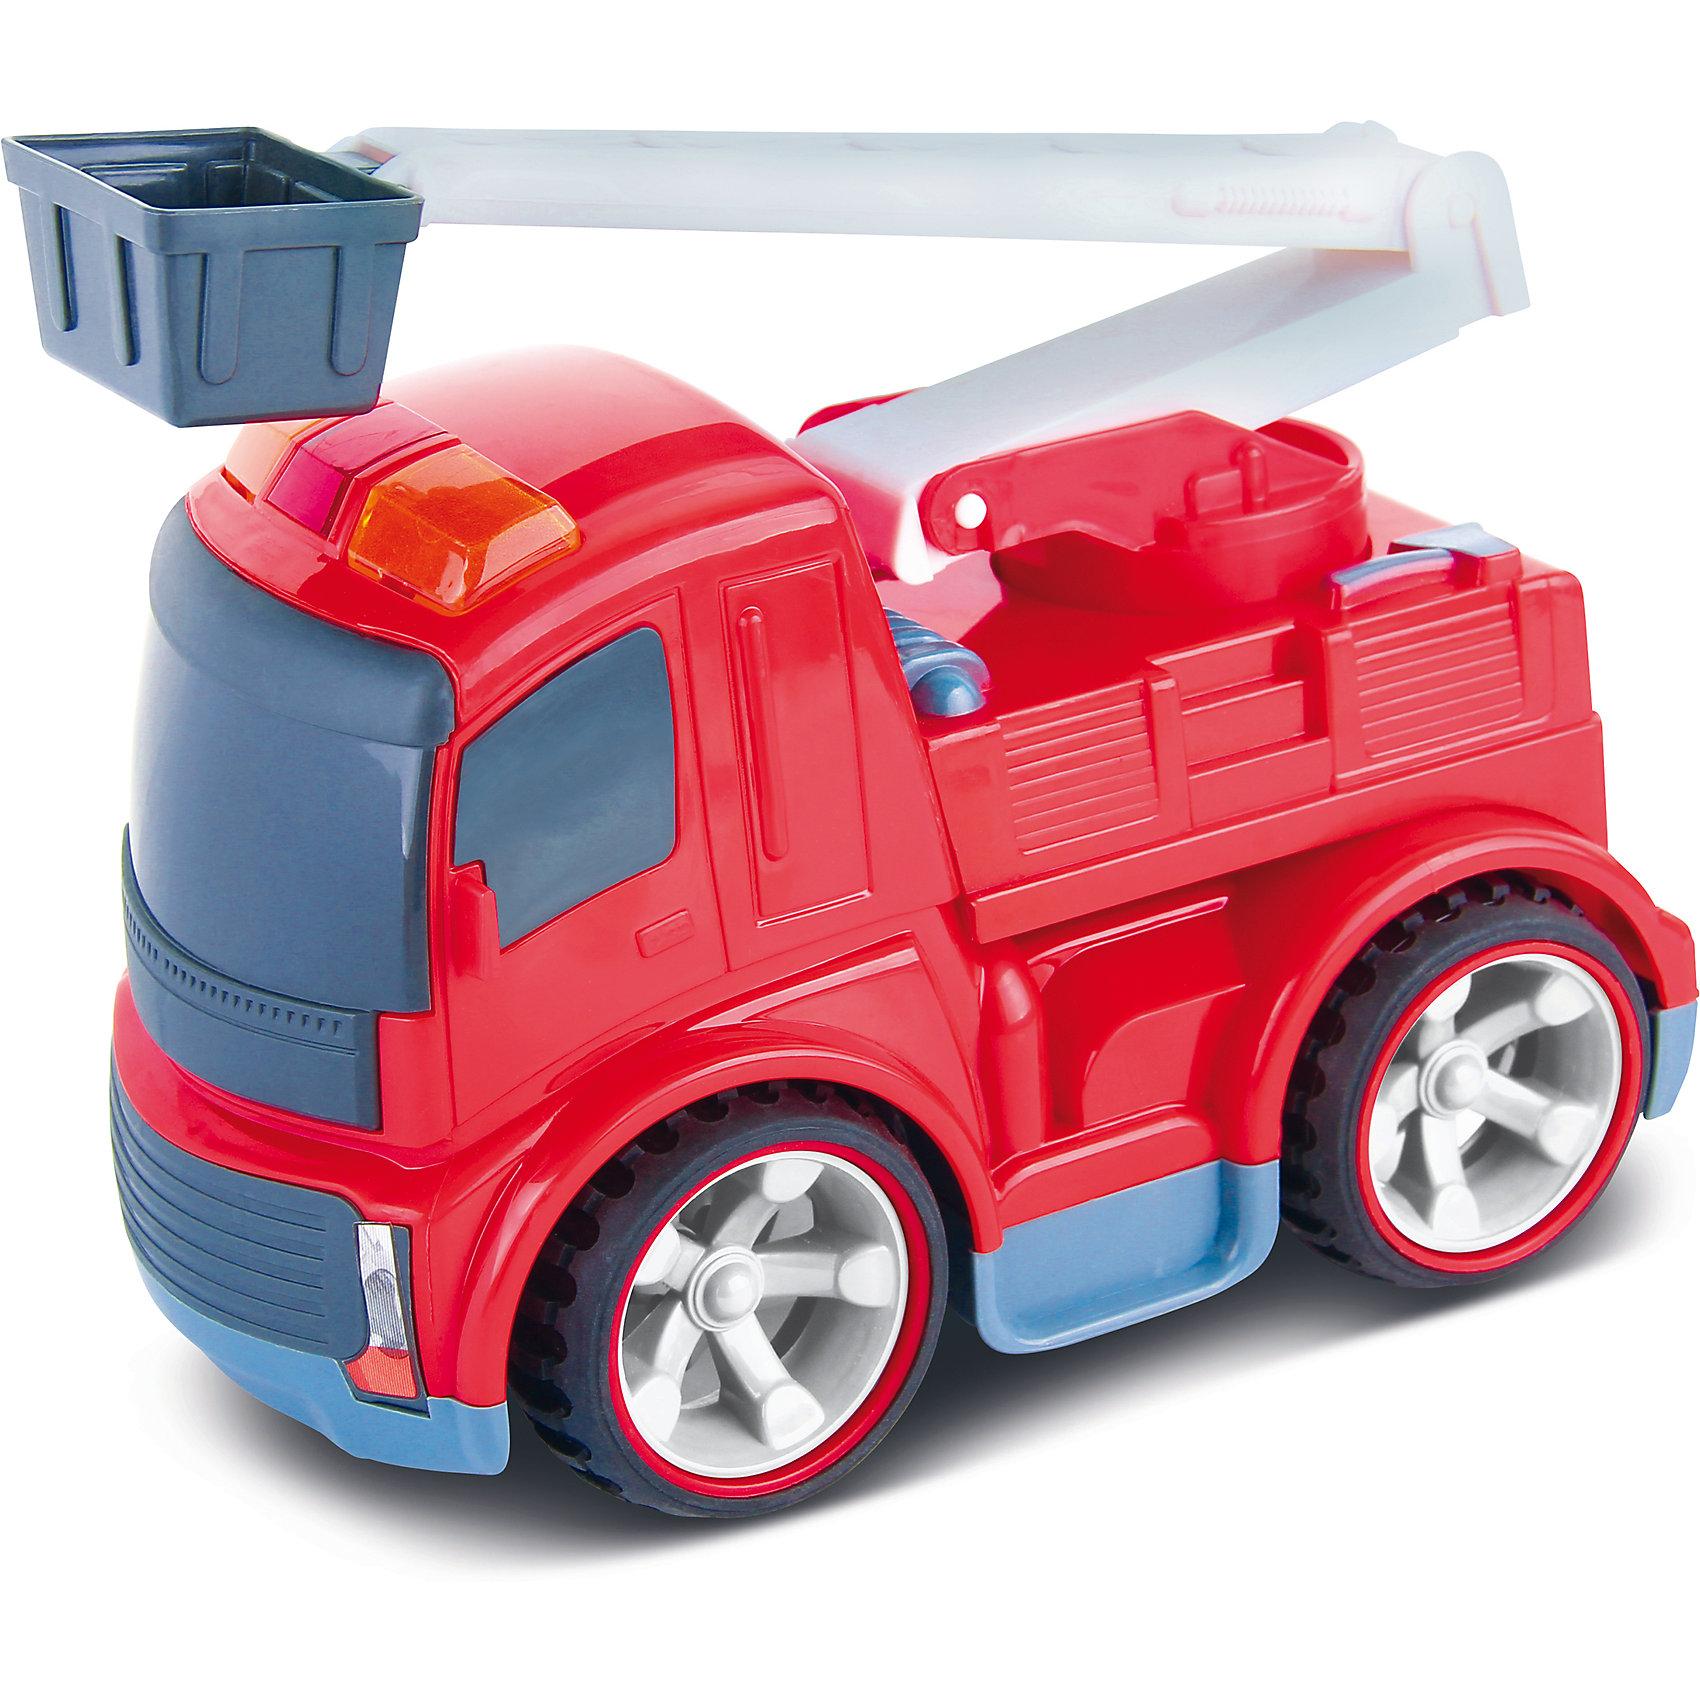 Машинка на радиоуправлении Пожарная, со звуковыми эффектамиРадиоуправляемый транспорт<br>Характеристики пожарной машинки Bluesea:<br><br>• звуковые эффекты: сирена, работающий двигатель;<br>• световые эффекты: проблесковые маячки;<br>• инфракрасное управление;<br>• наличие пульта управления;<br>• радиус действия пульта: 1 метр;<br>• направление движения: вперед, назад, влево, вправо;<br>• прорезиненные колеса с амортизаторами;<br>• материал: пластик;<br>• размер упаковки: 30х22х20 см;<br>• вес упаковки: 745 г<br><br>Пожарная машинка со свето-звуковыми эффектами оснащена подвижными элементами: пожарная стрела поднимается, имеется люлька для спасателей, чтобы оказать помощь пострадавшим и безопасно спустить их с верхних этажей. Во время движения слышен звук работающего двигателя, во время включения задней передачи раздается предупредительный сигнал. Управление машинкой производится с пульта управления. <br><br>Машинку на радиоуправлении Пожарная, со звуковыми эффектами можно купить в нашем интернет-магазине.<br><br>Ширина мм: 21<br>Глубина мм: 31<br>Высота мм: 16<br>Вес г: 175<br>Возраст от месяцев: 36<br>Возраст до месяцев: 2147483647<br>Пол: Унисекс<br>Возраст: Детский<br>SKU: 5030383